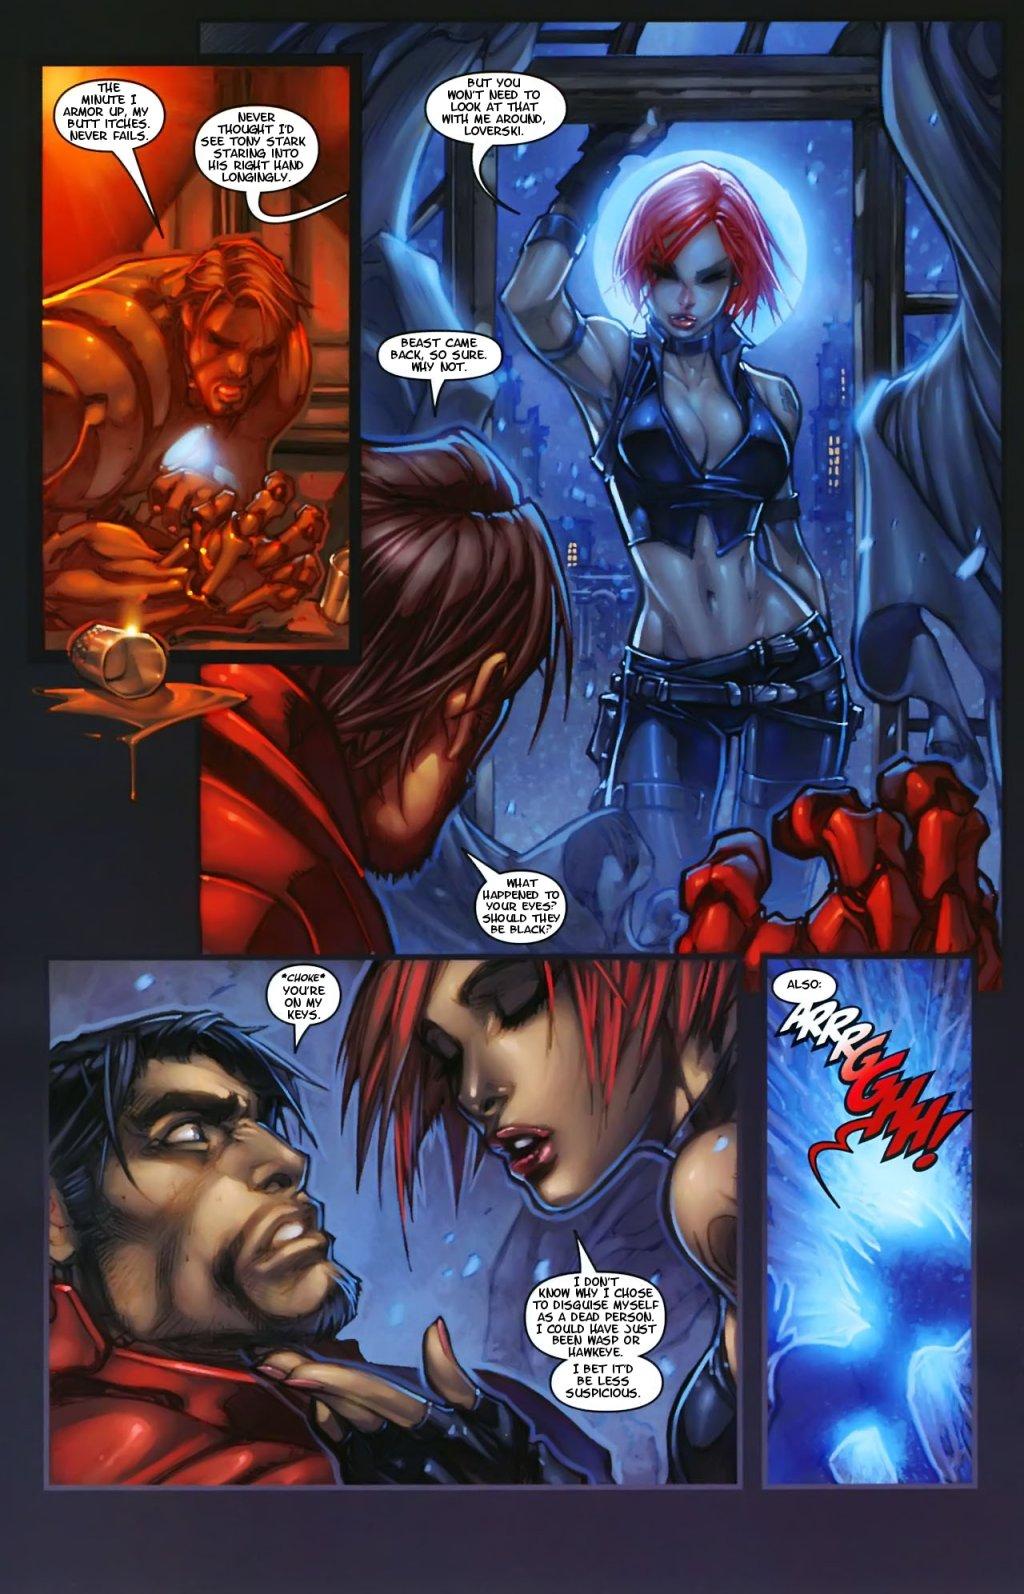 Tony stark black widow sex fill blank